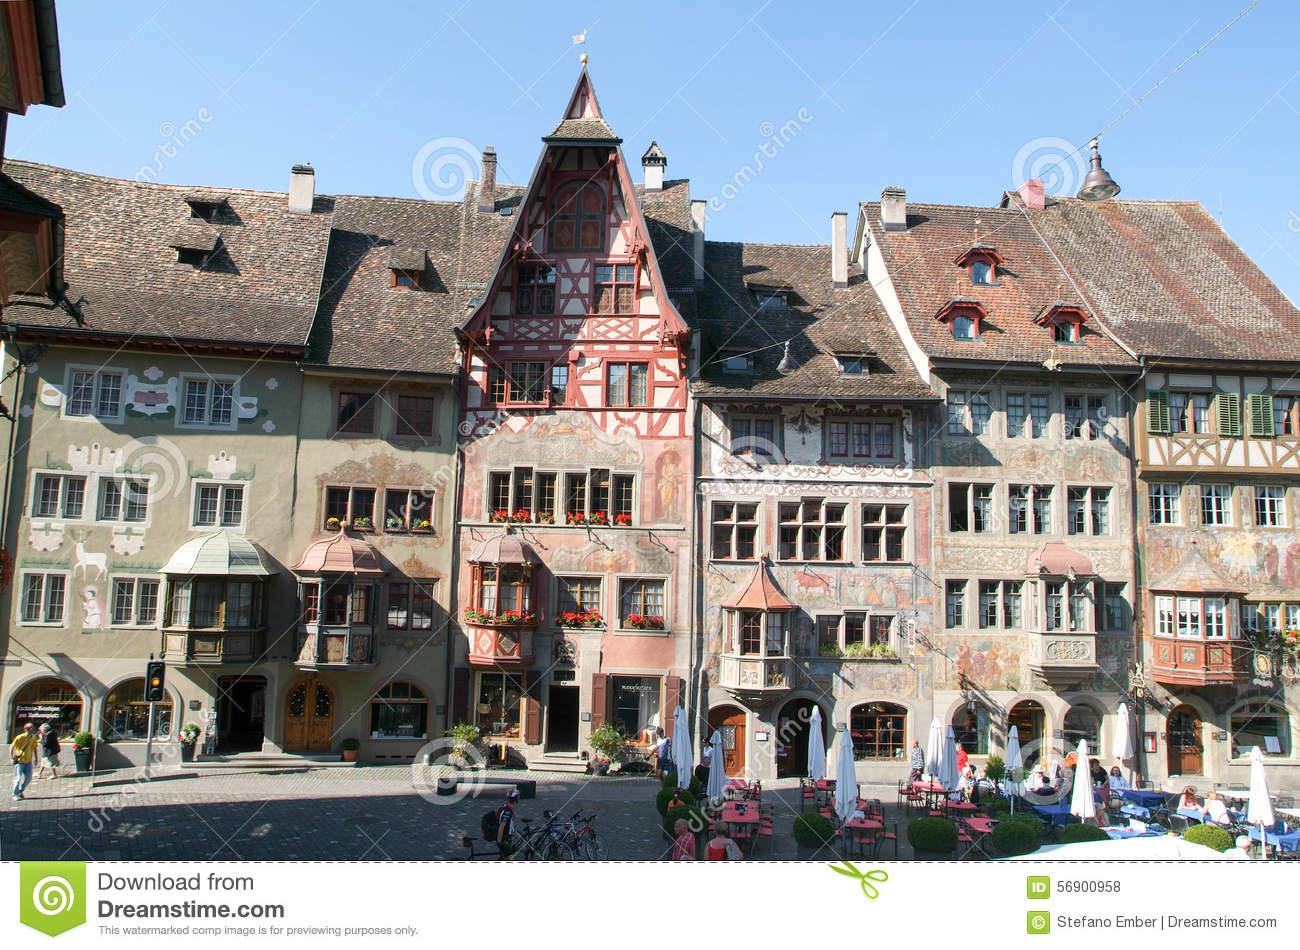 The Beautiful Medieval Town Of Stein Am Rhein On Switzerland.